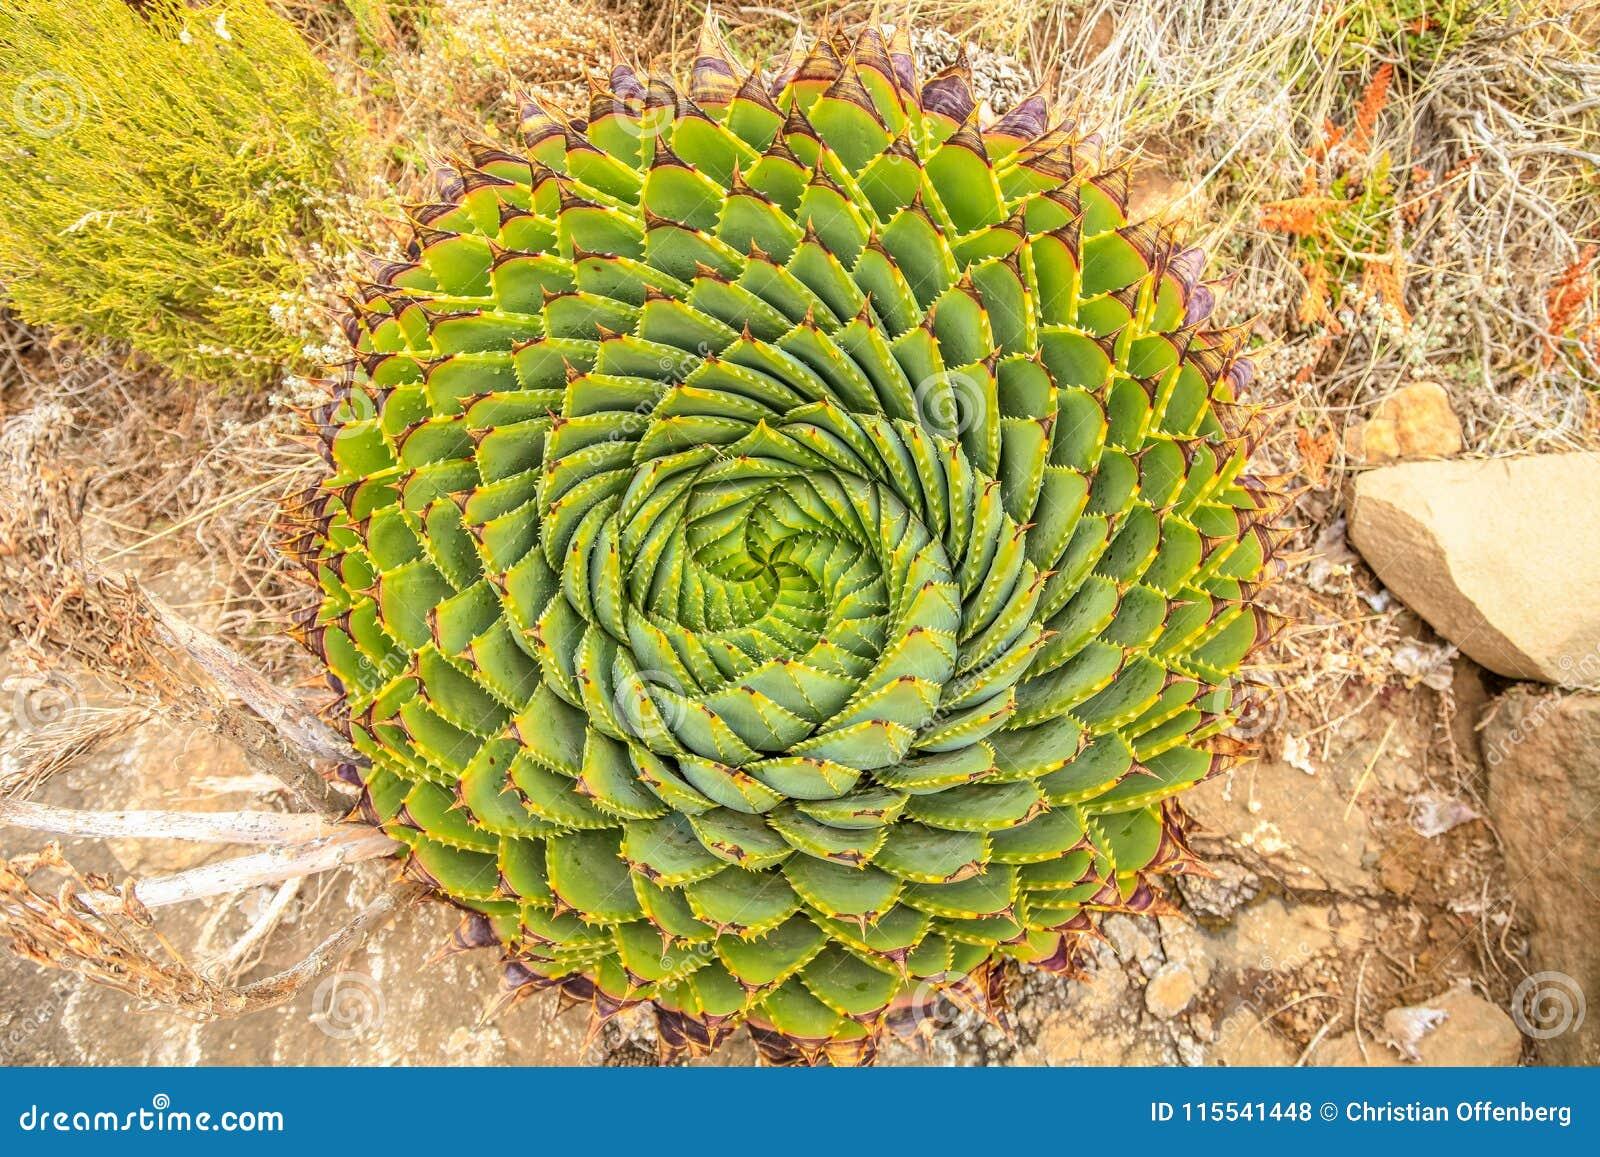 Ślimakowaty aloes - Lesotho tradycyjna roślina